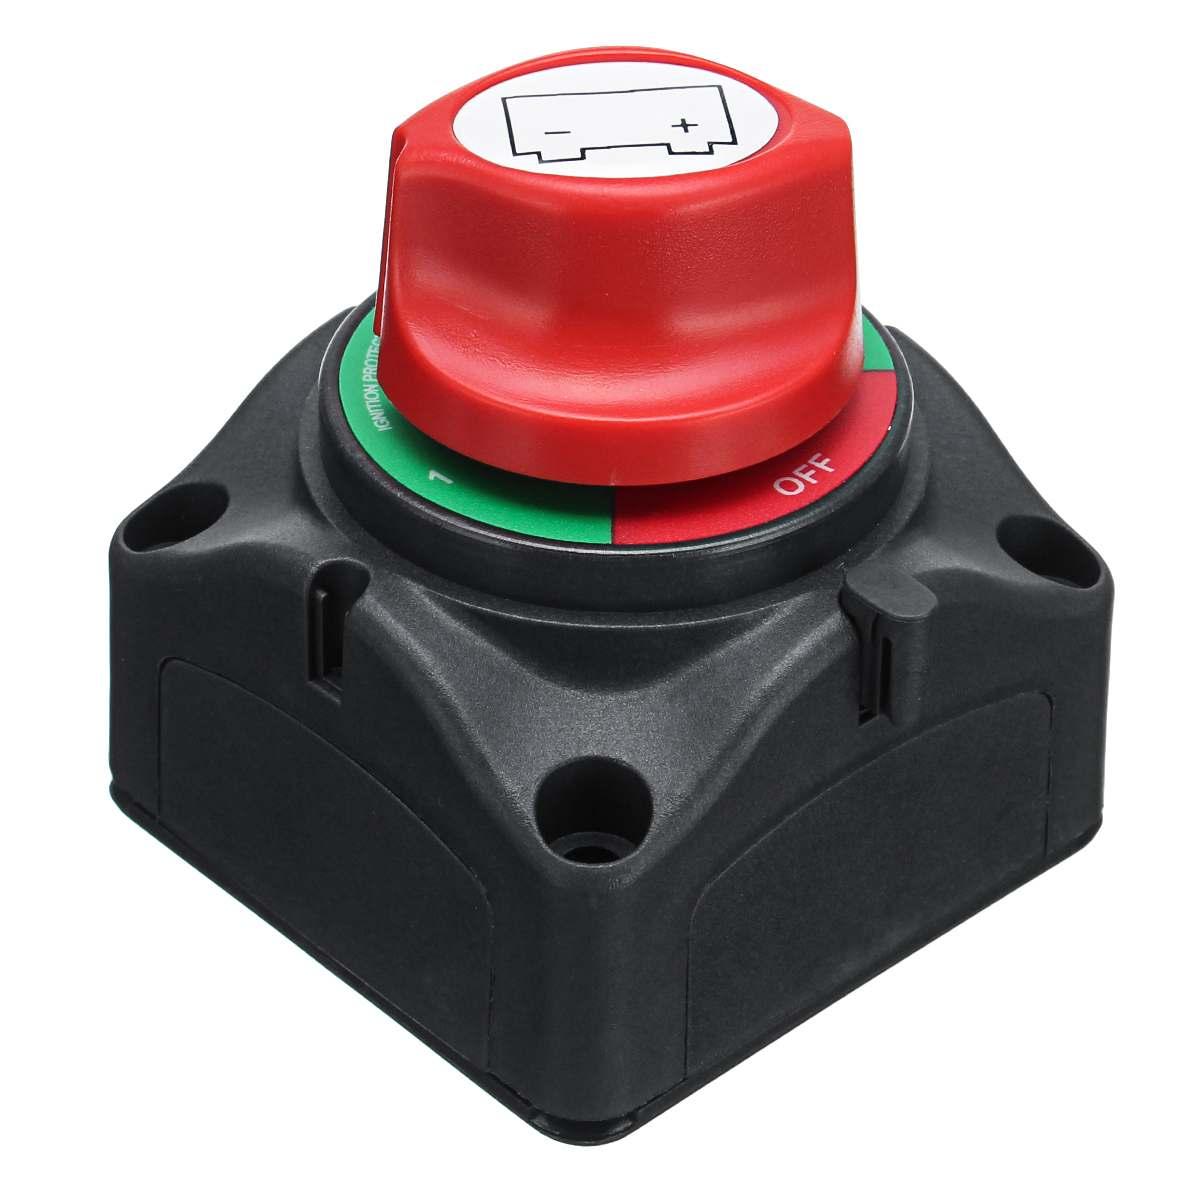 12 V/24 V Marine interrupteur de batterie isolateur 300A 4 positions commutateur de coupure de déconnexion pour voiture bateau Yacht livraison gratuite